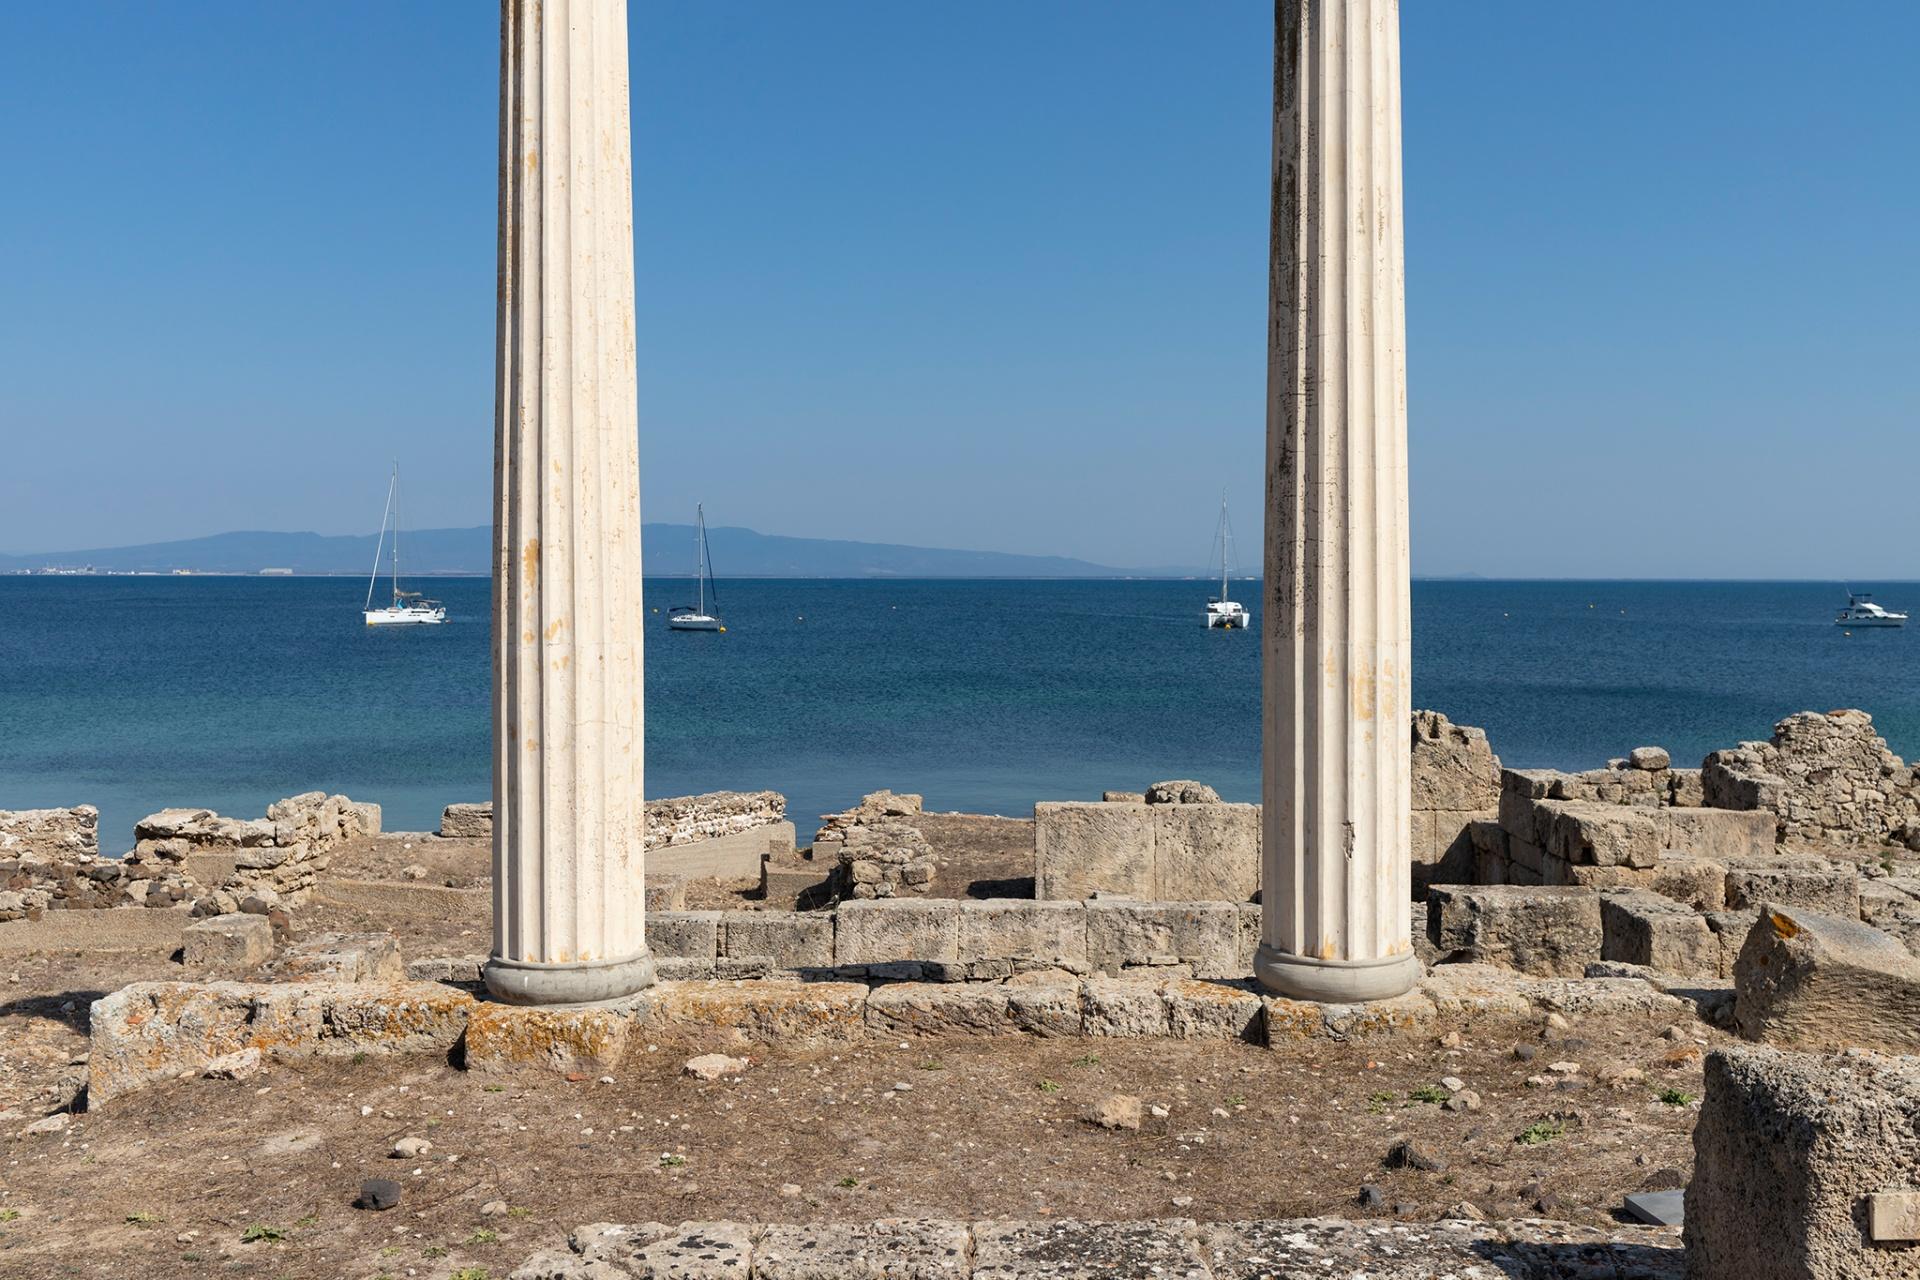 Sulla Penisola di San Marco, La penisola di San Marco nella regione sarda del Sinis è una terra antica, che parla le mille lingue delle genti che l'hanno abitata. È abbagliata da un sole cocente e spettinata